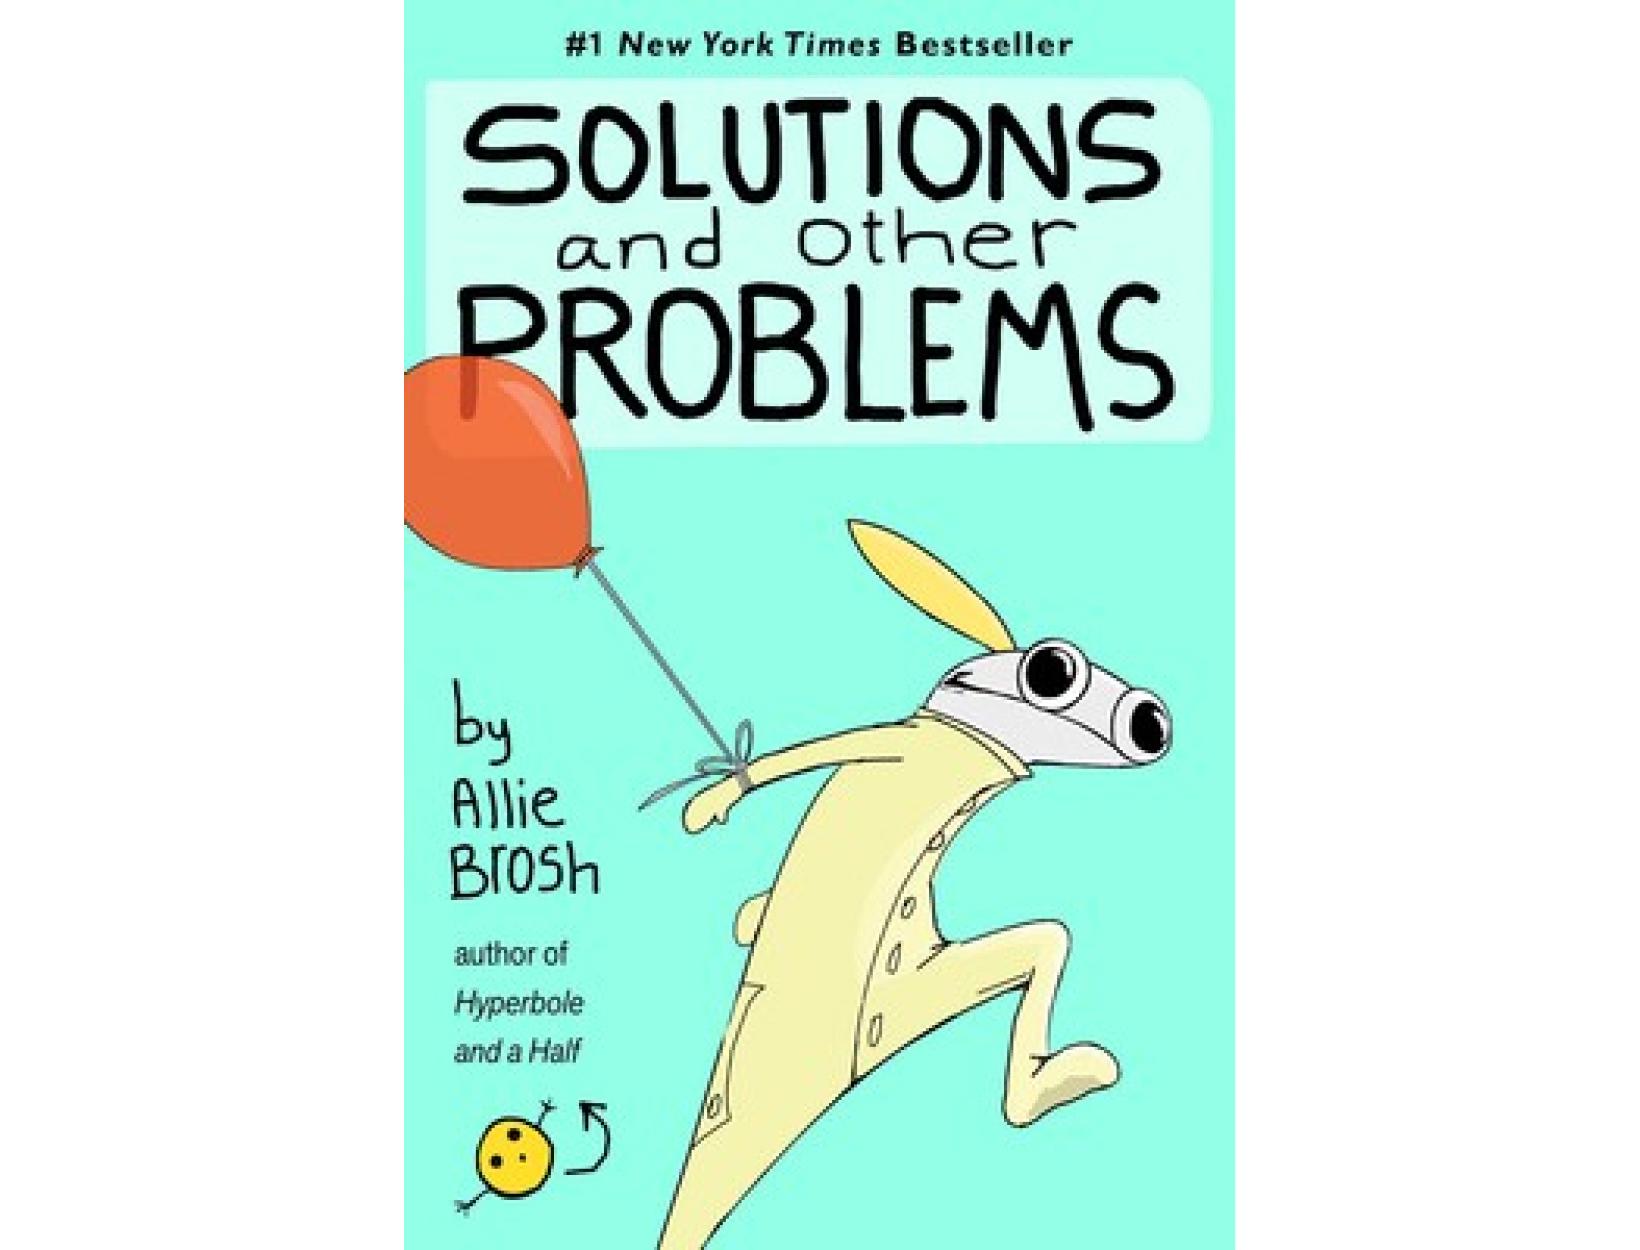 <em>Hyperbole and a Half</em> and <em>Solutions and Other Problems</em> by Allie Brosh